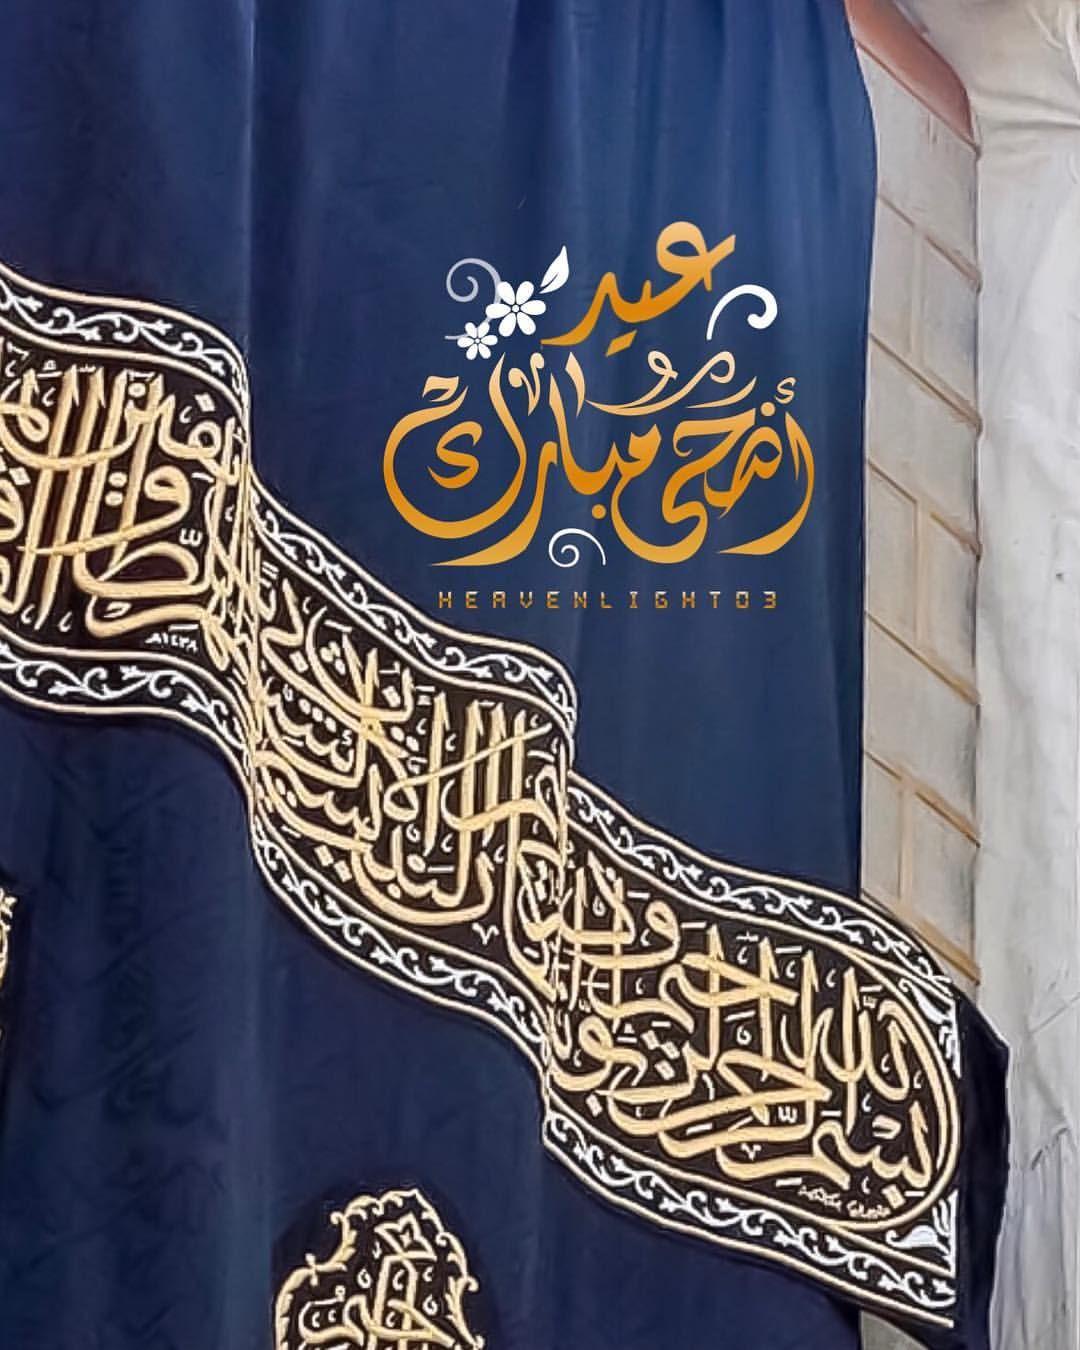 Pin By Zaza On Islamic Eid Al Adha Greetings Eid Mubarak Card Eid Greetings